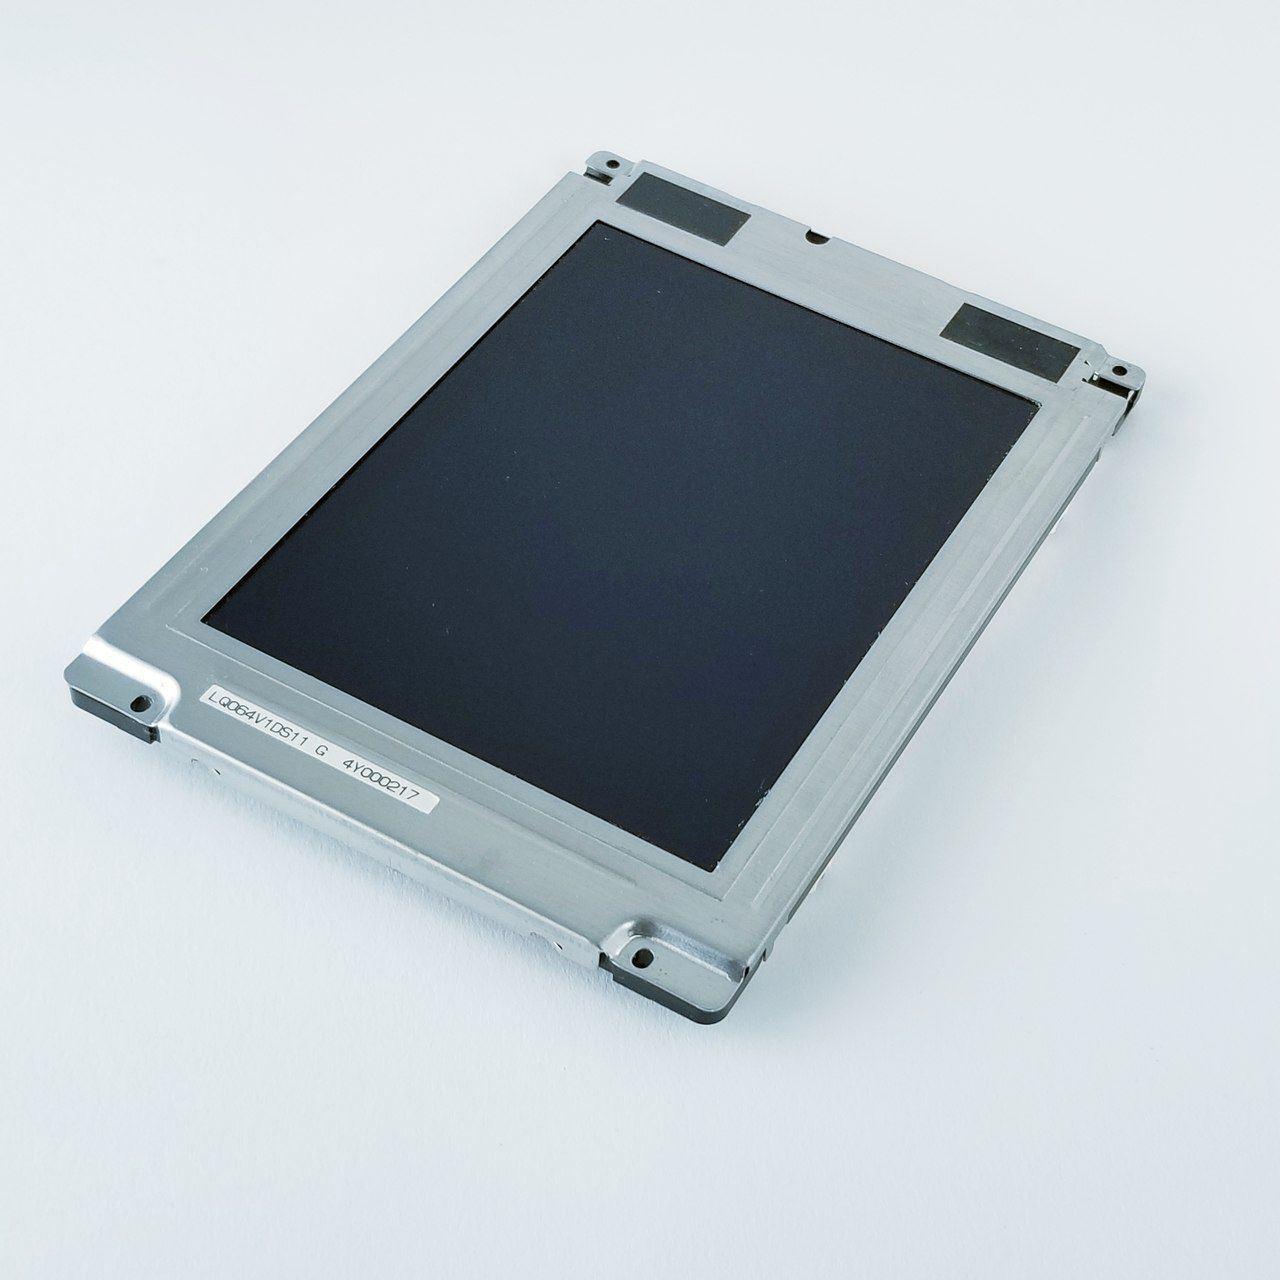 Original Sharp LQ064V1DS11 LCD Vendedor de EE. ENVÍO UU. y ENVÍO EE. GRATIS ae2f5a